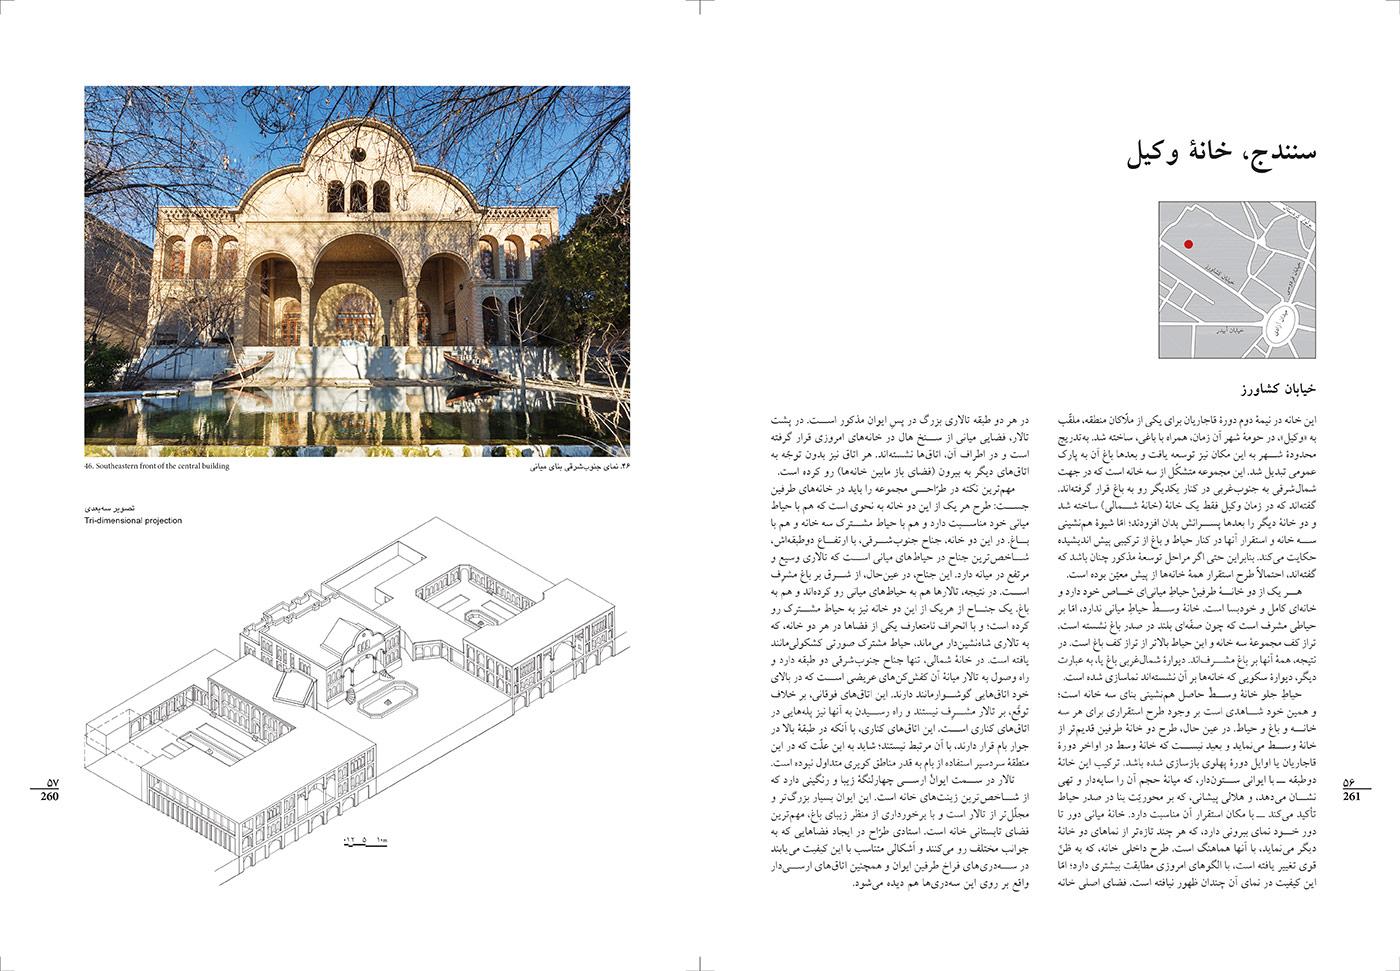 Book-Ganjnameh16-1-34.jpg